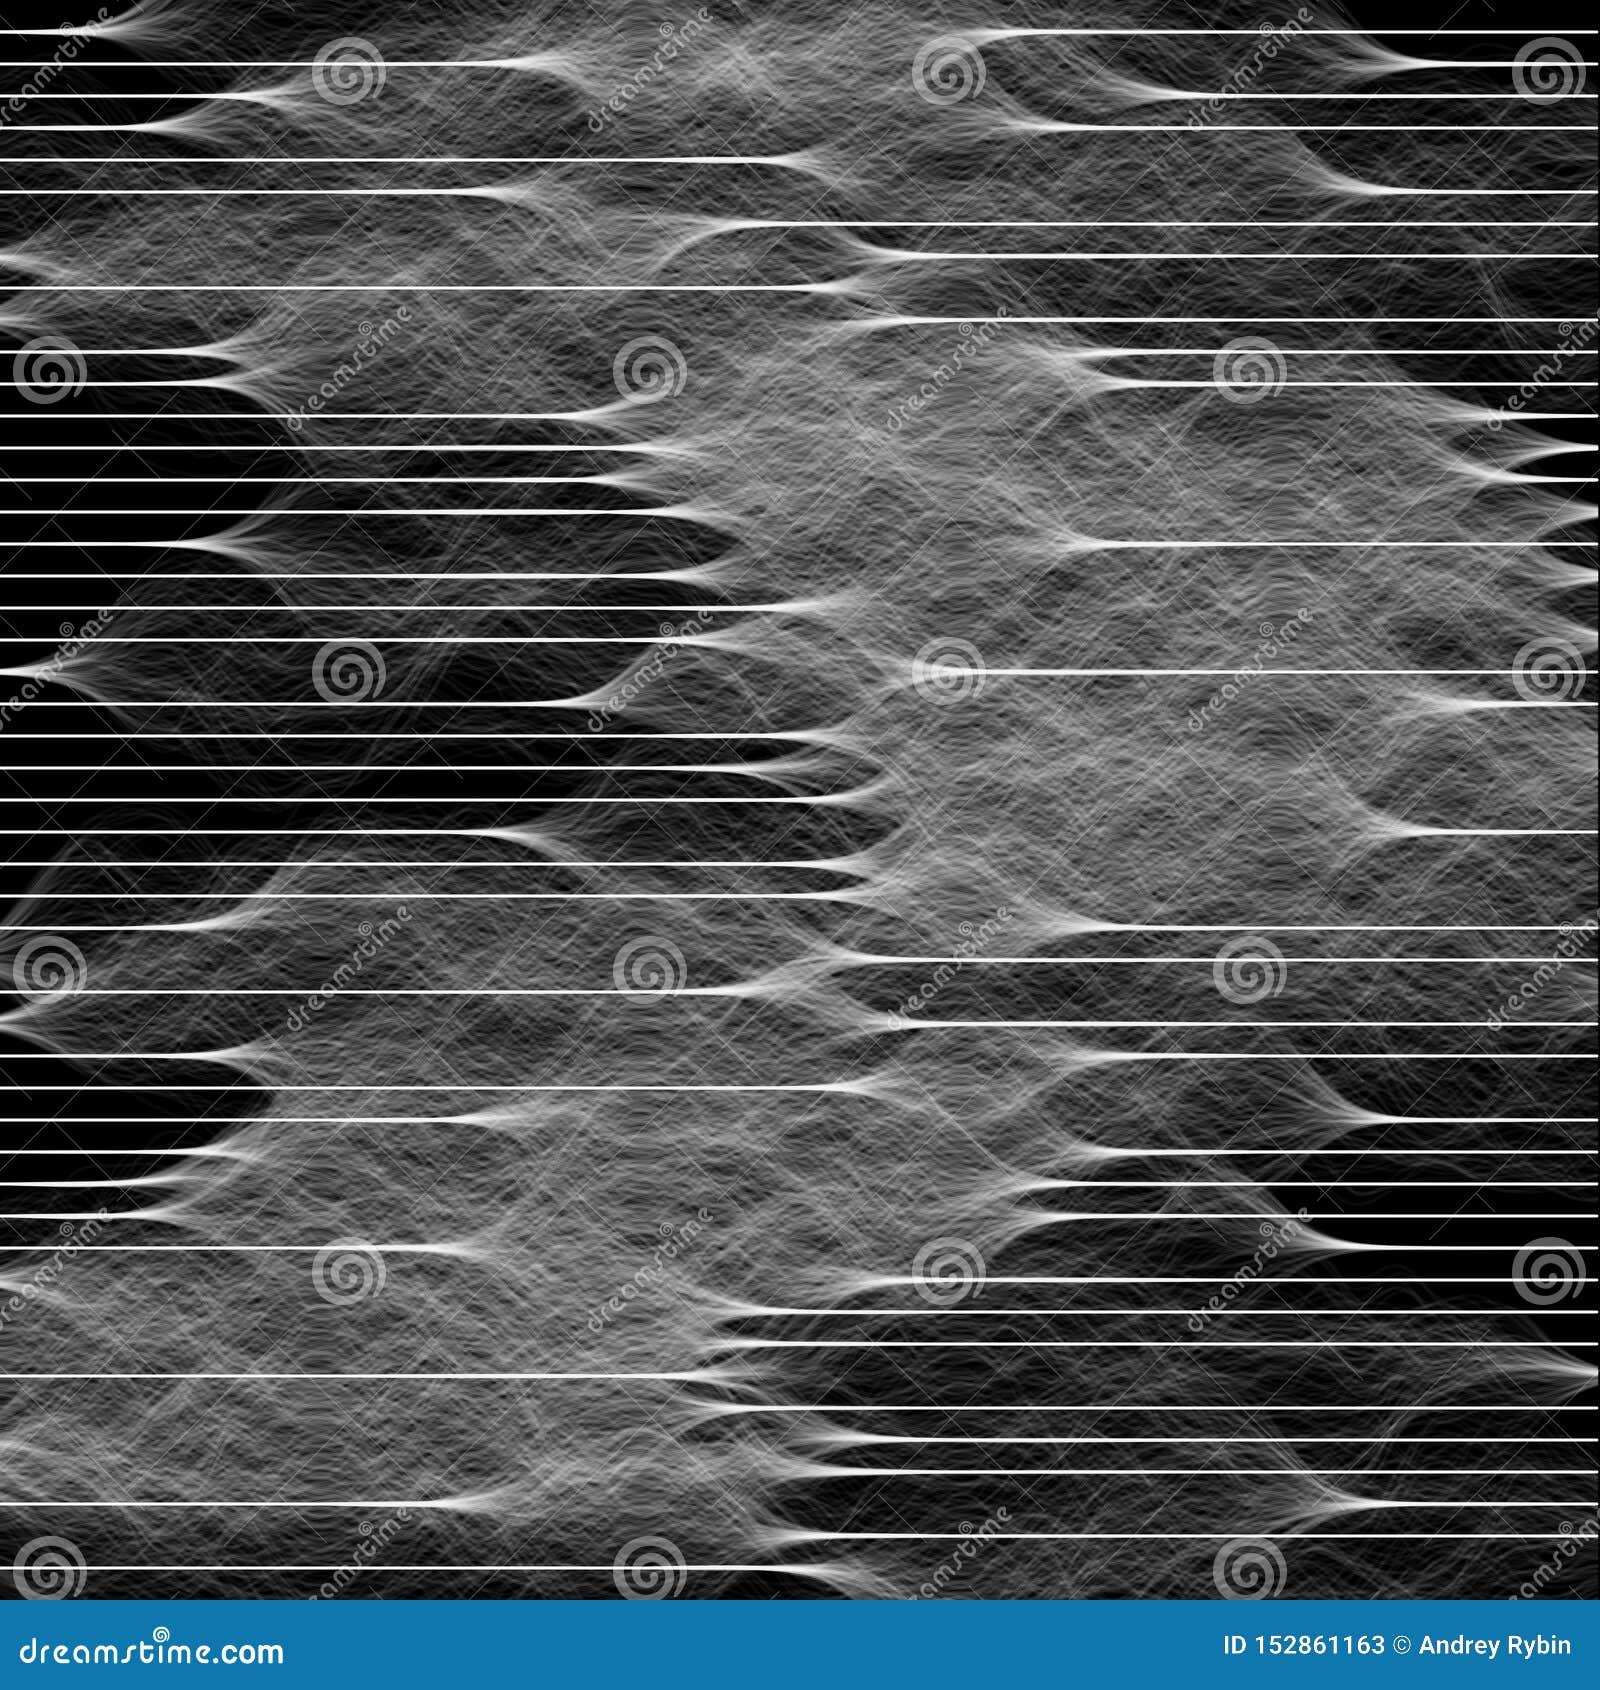 Abstrakte Zusammensetzung von Wellen, Signale Hintergrundillustration für technologischen Entwurf